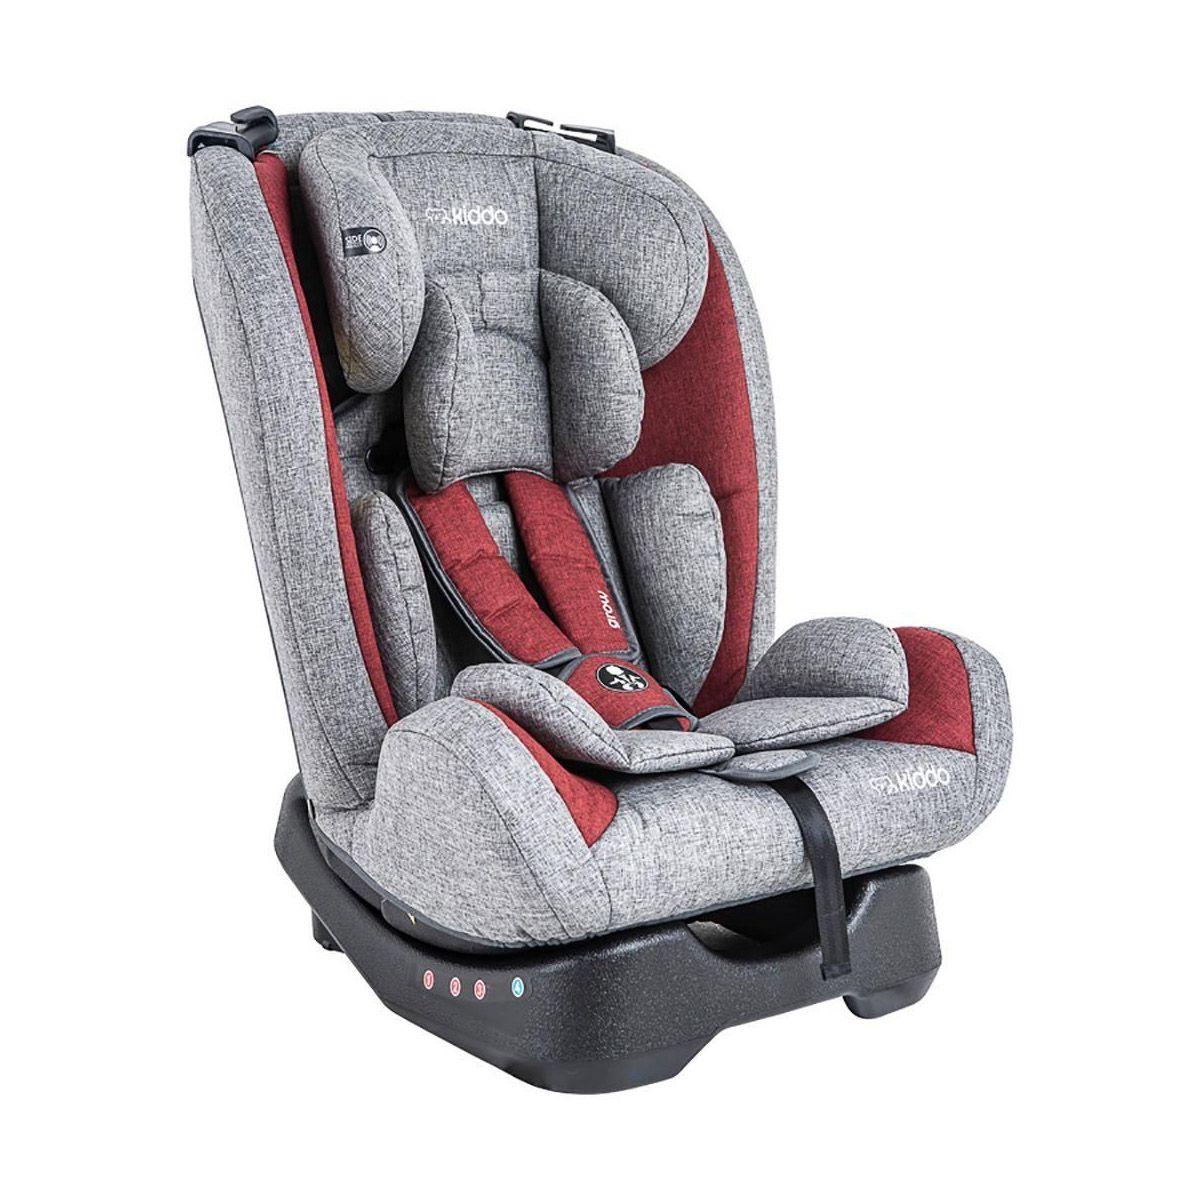 Cadeira para Auto Grow Vermelho e Cinza - Kiddo